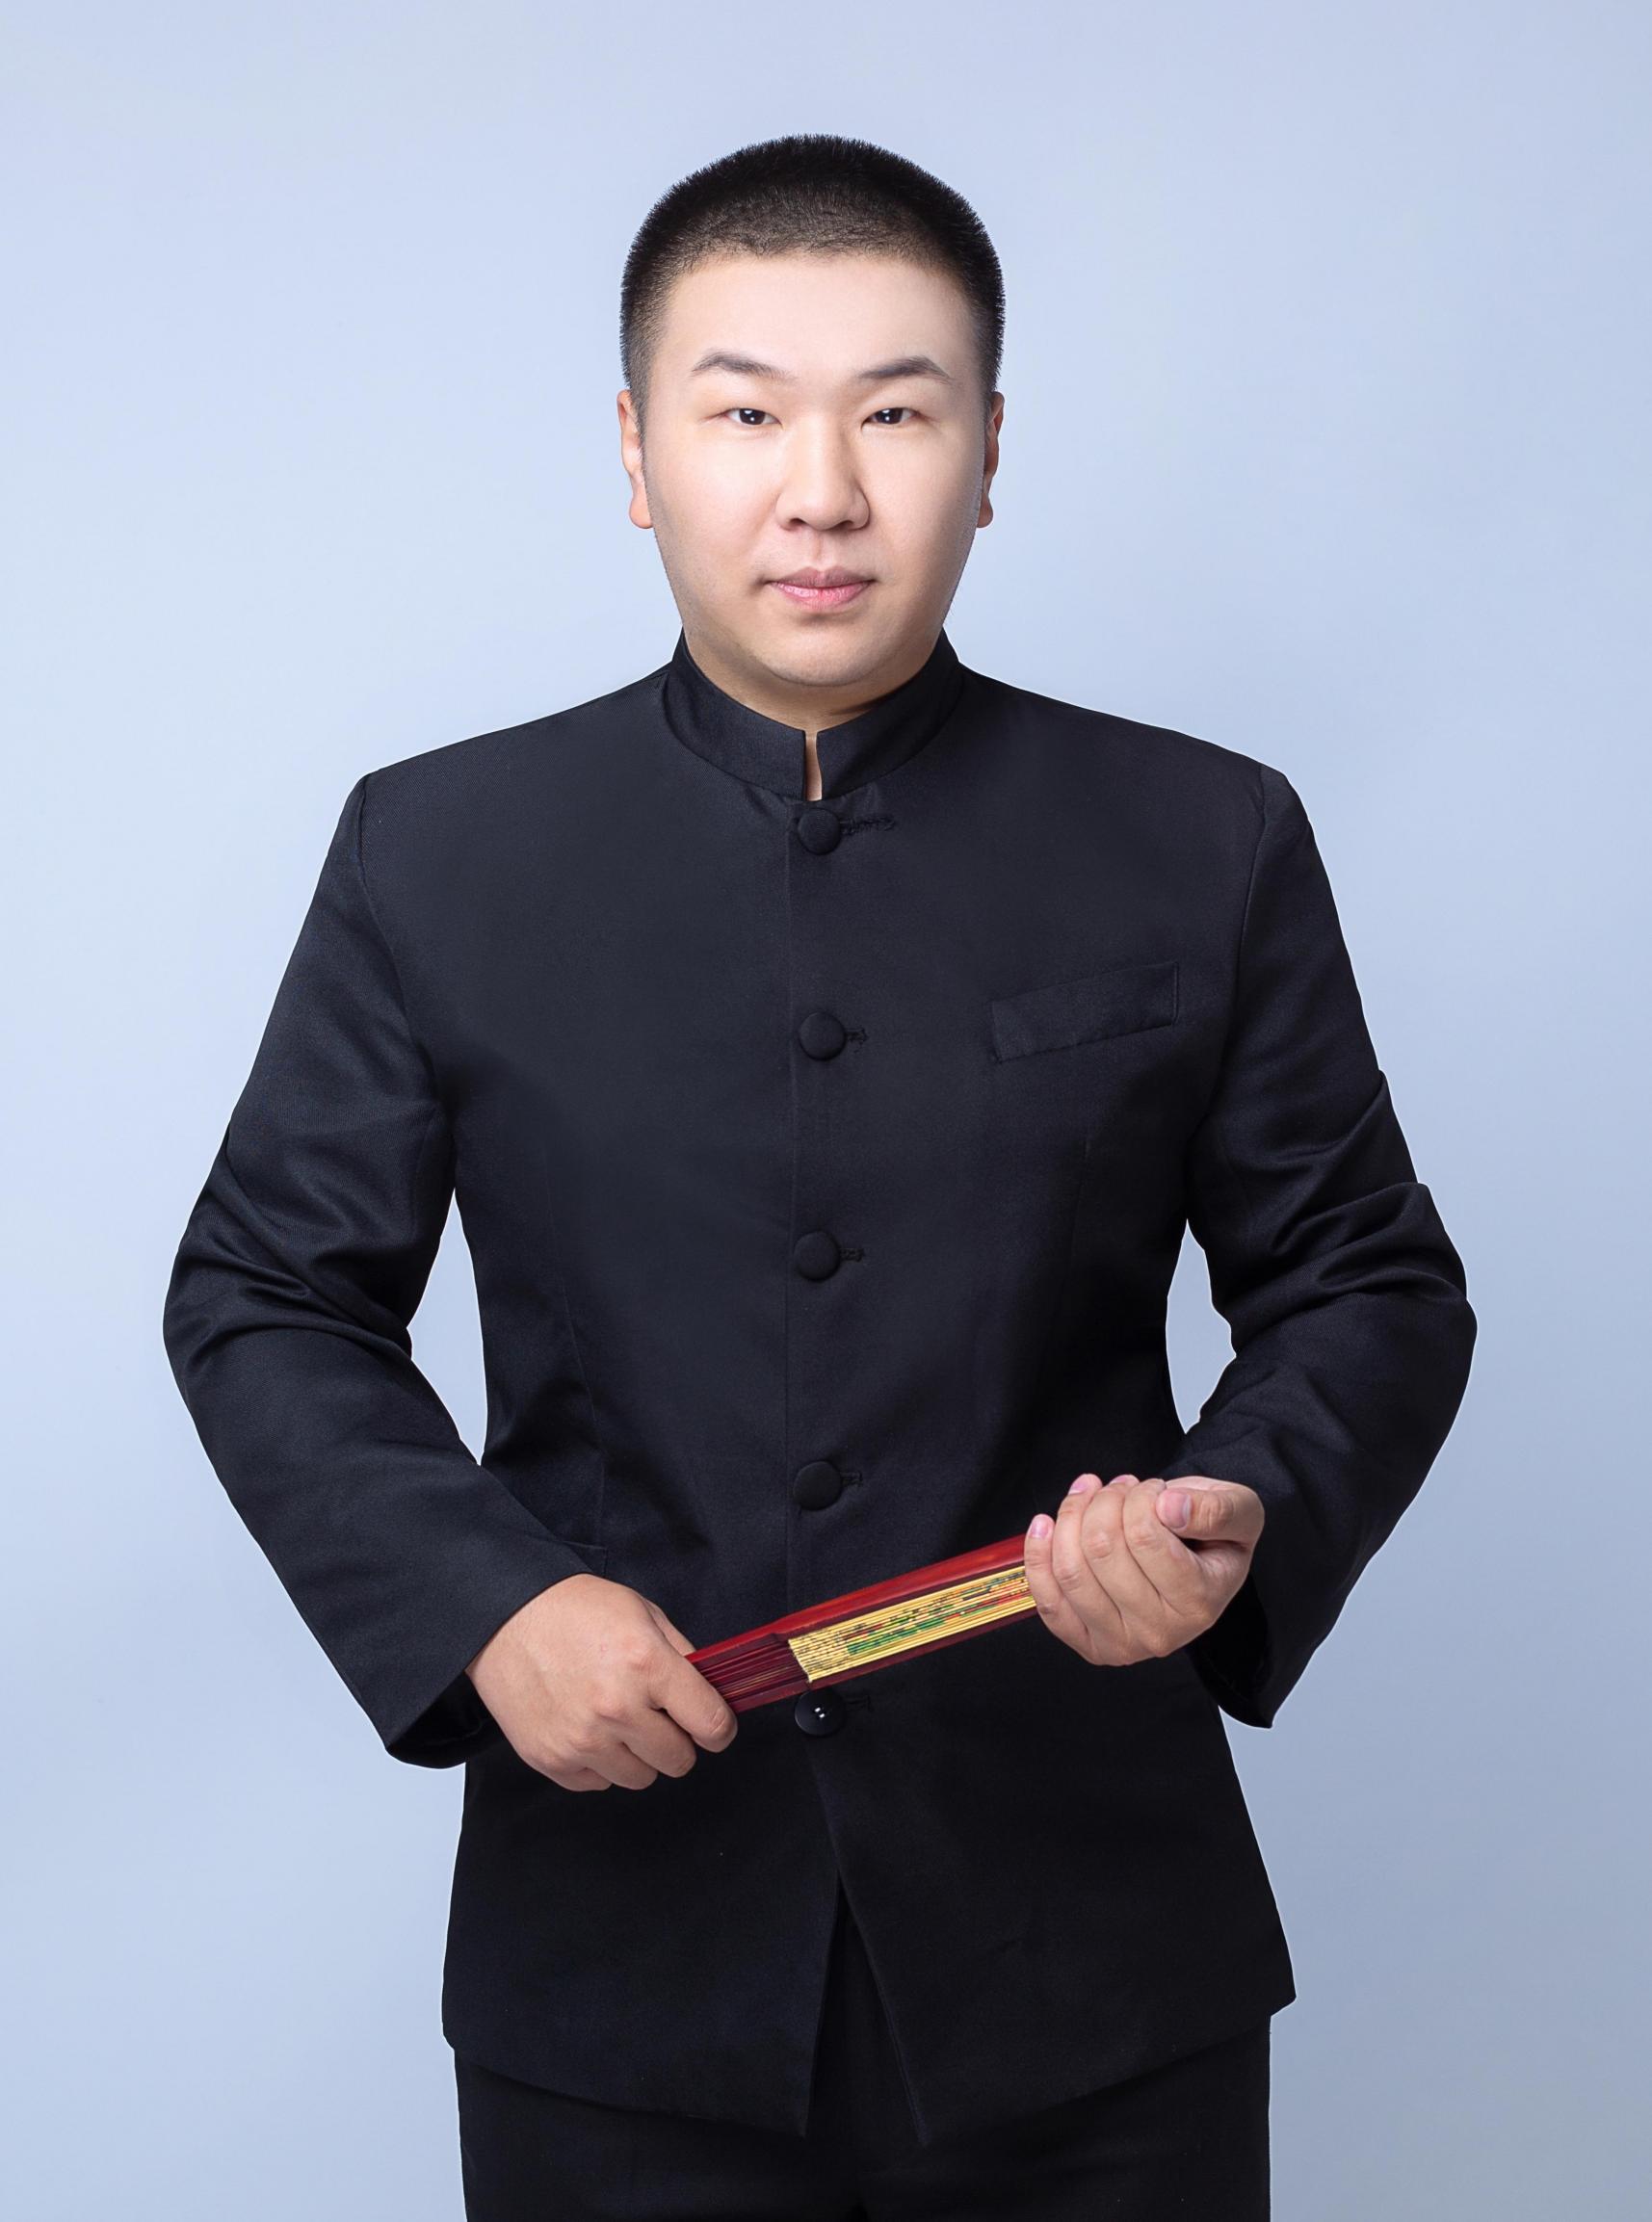 郑州恒大家装设计师赵志凯